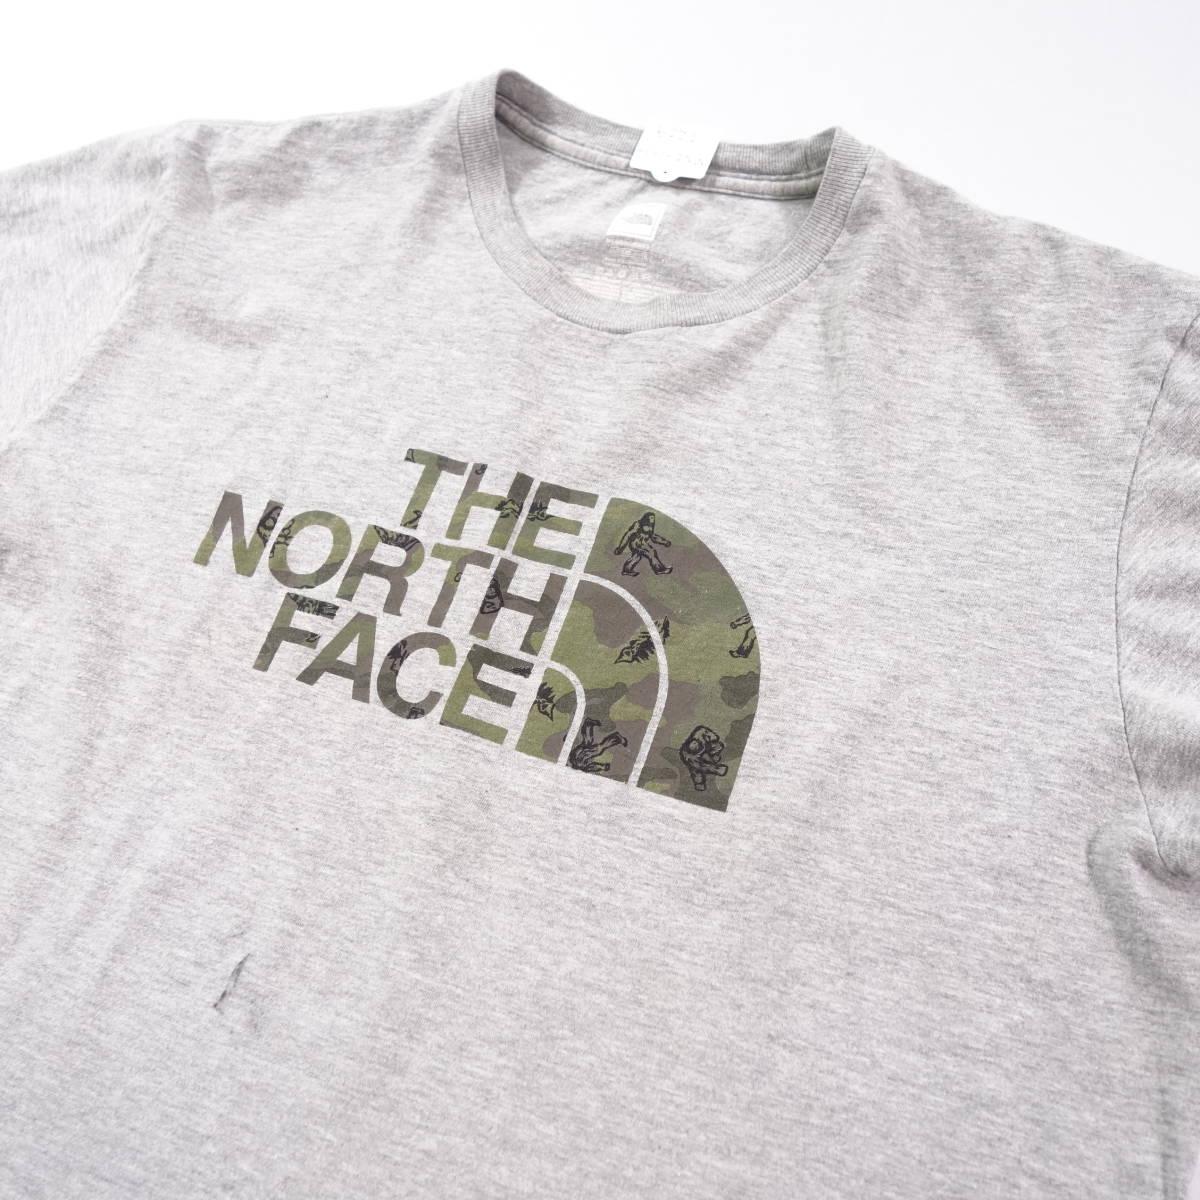 ノースフェイス Tシャツ 半袖 メンズ L 丸首 ハーフドーム プリントロゴ アウトドア トップス USA直輸入 古着 MNO-1-1-0209_画像4